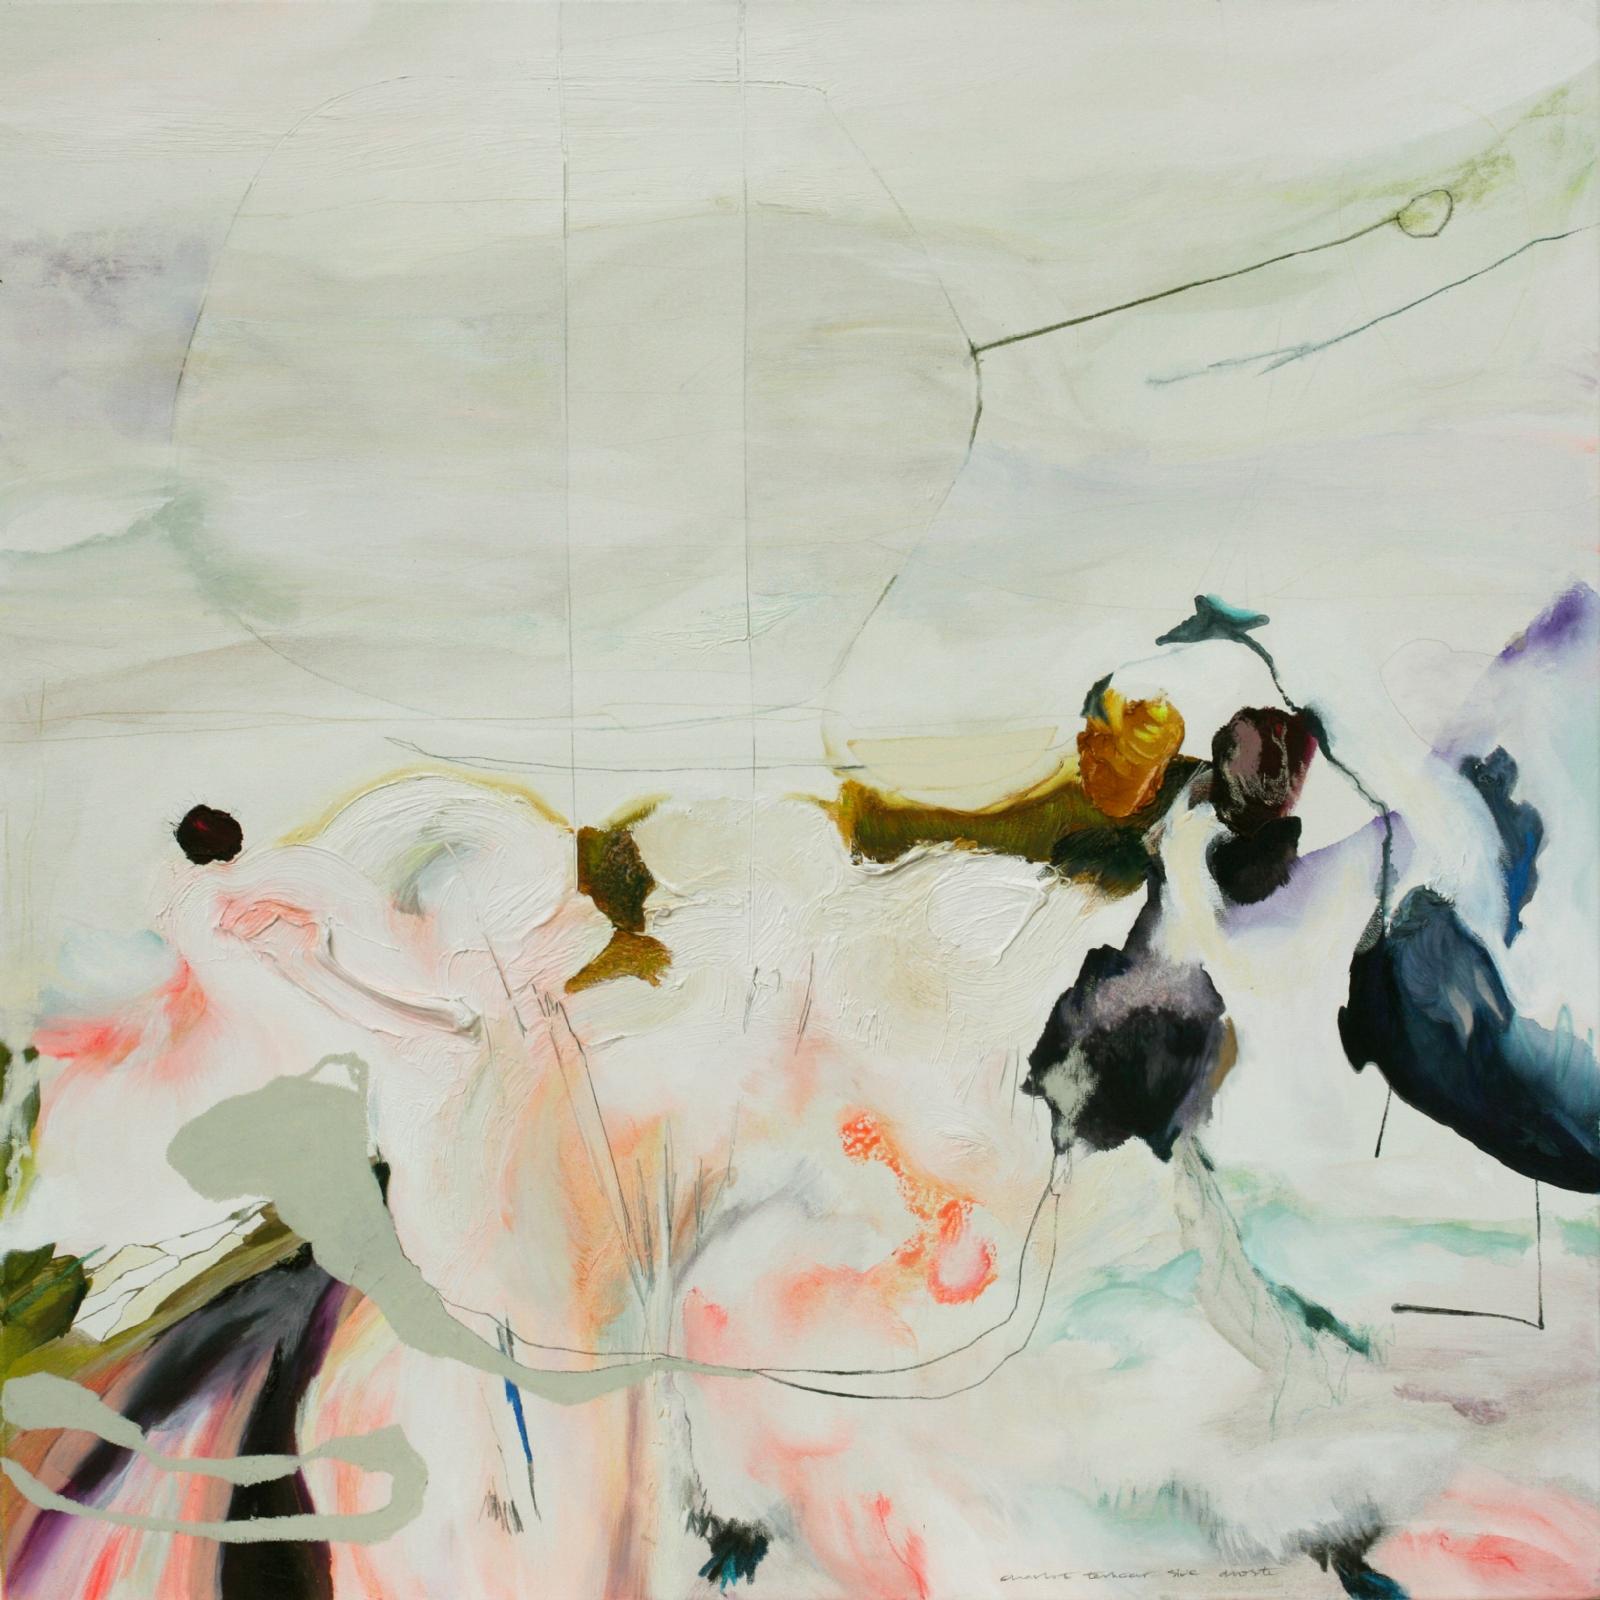 Schilderij #262